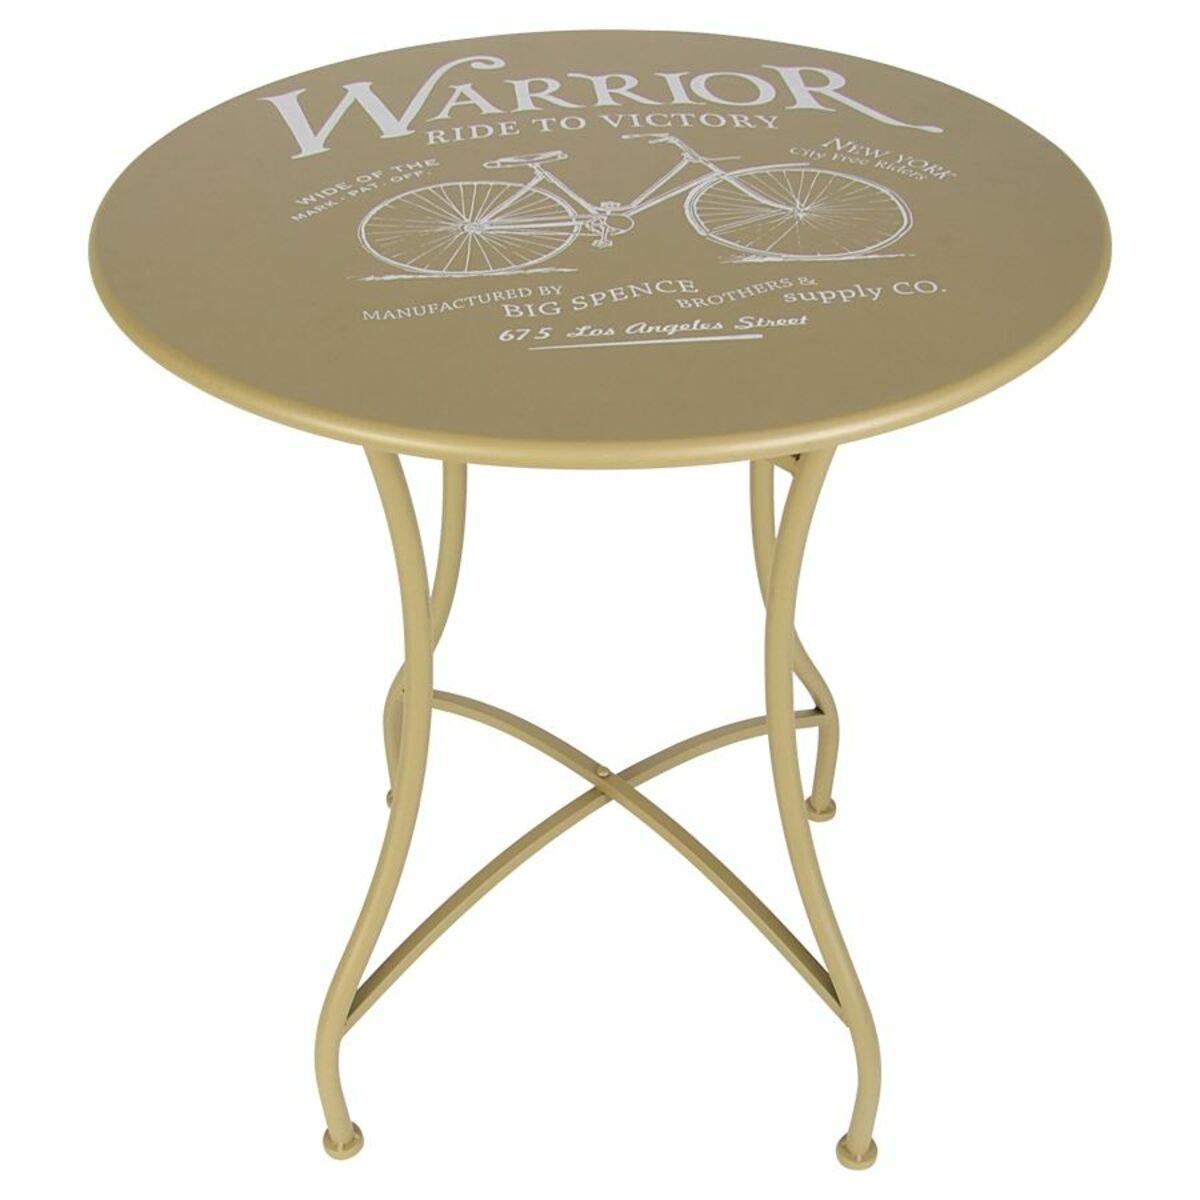 Bild 1 von Vintage-Tisch Dublin